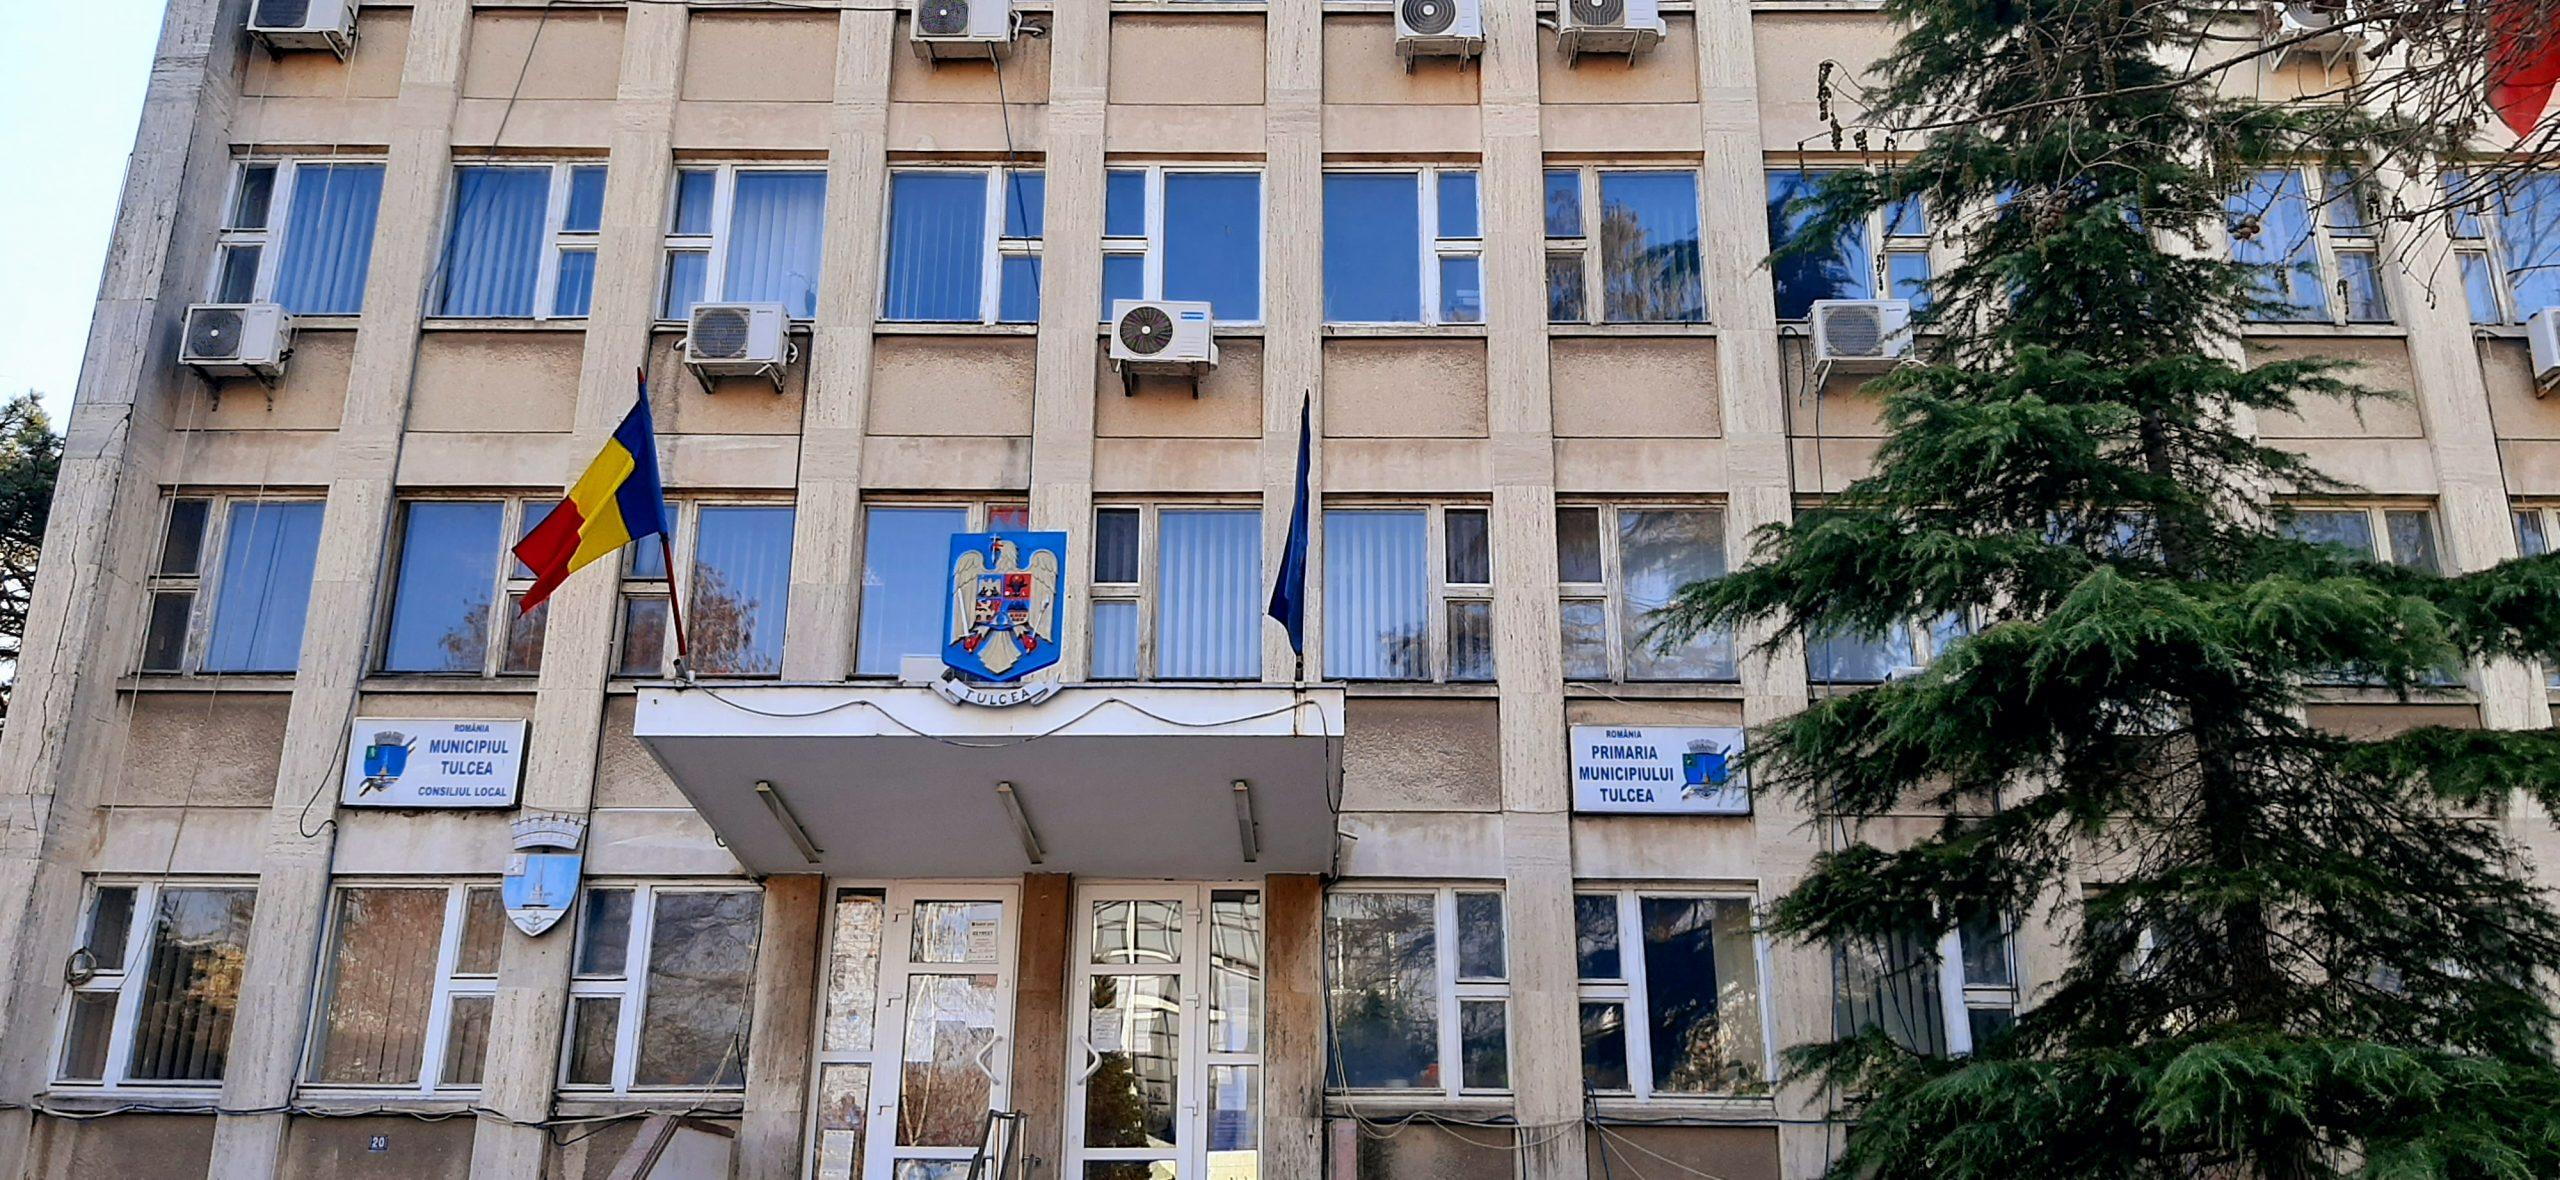 Se înlocuiește Regulamentul Activităților Edilitar-Gospodărești din Municipiul Tulcea